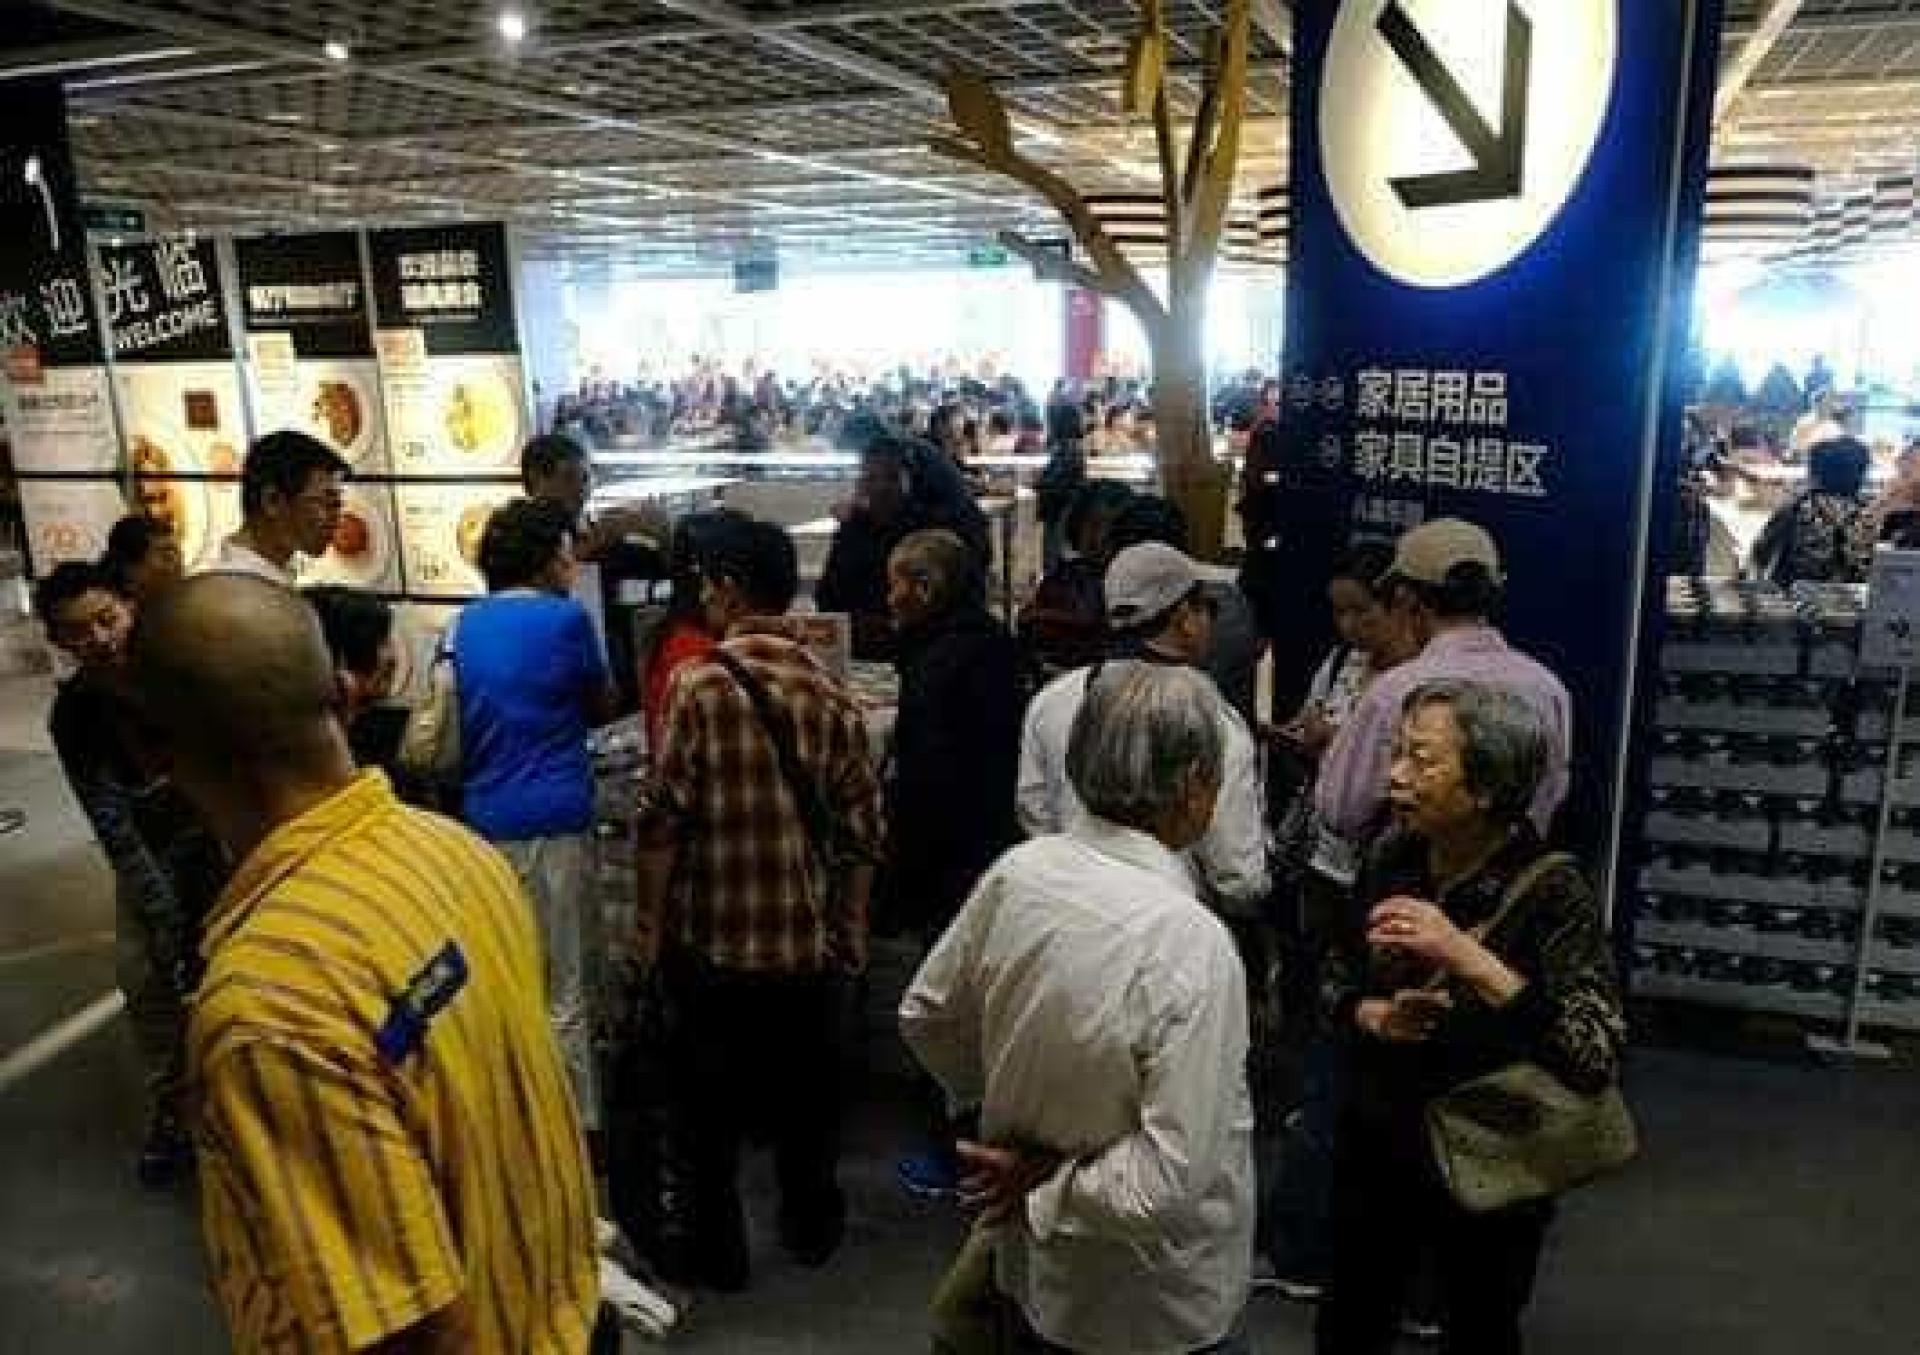 Idosos na China proibidos de usar IKEA para encontros amorosos